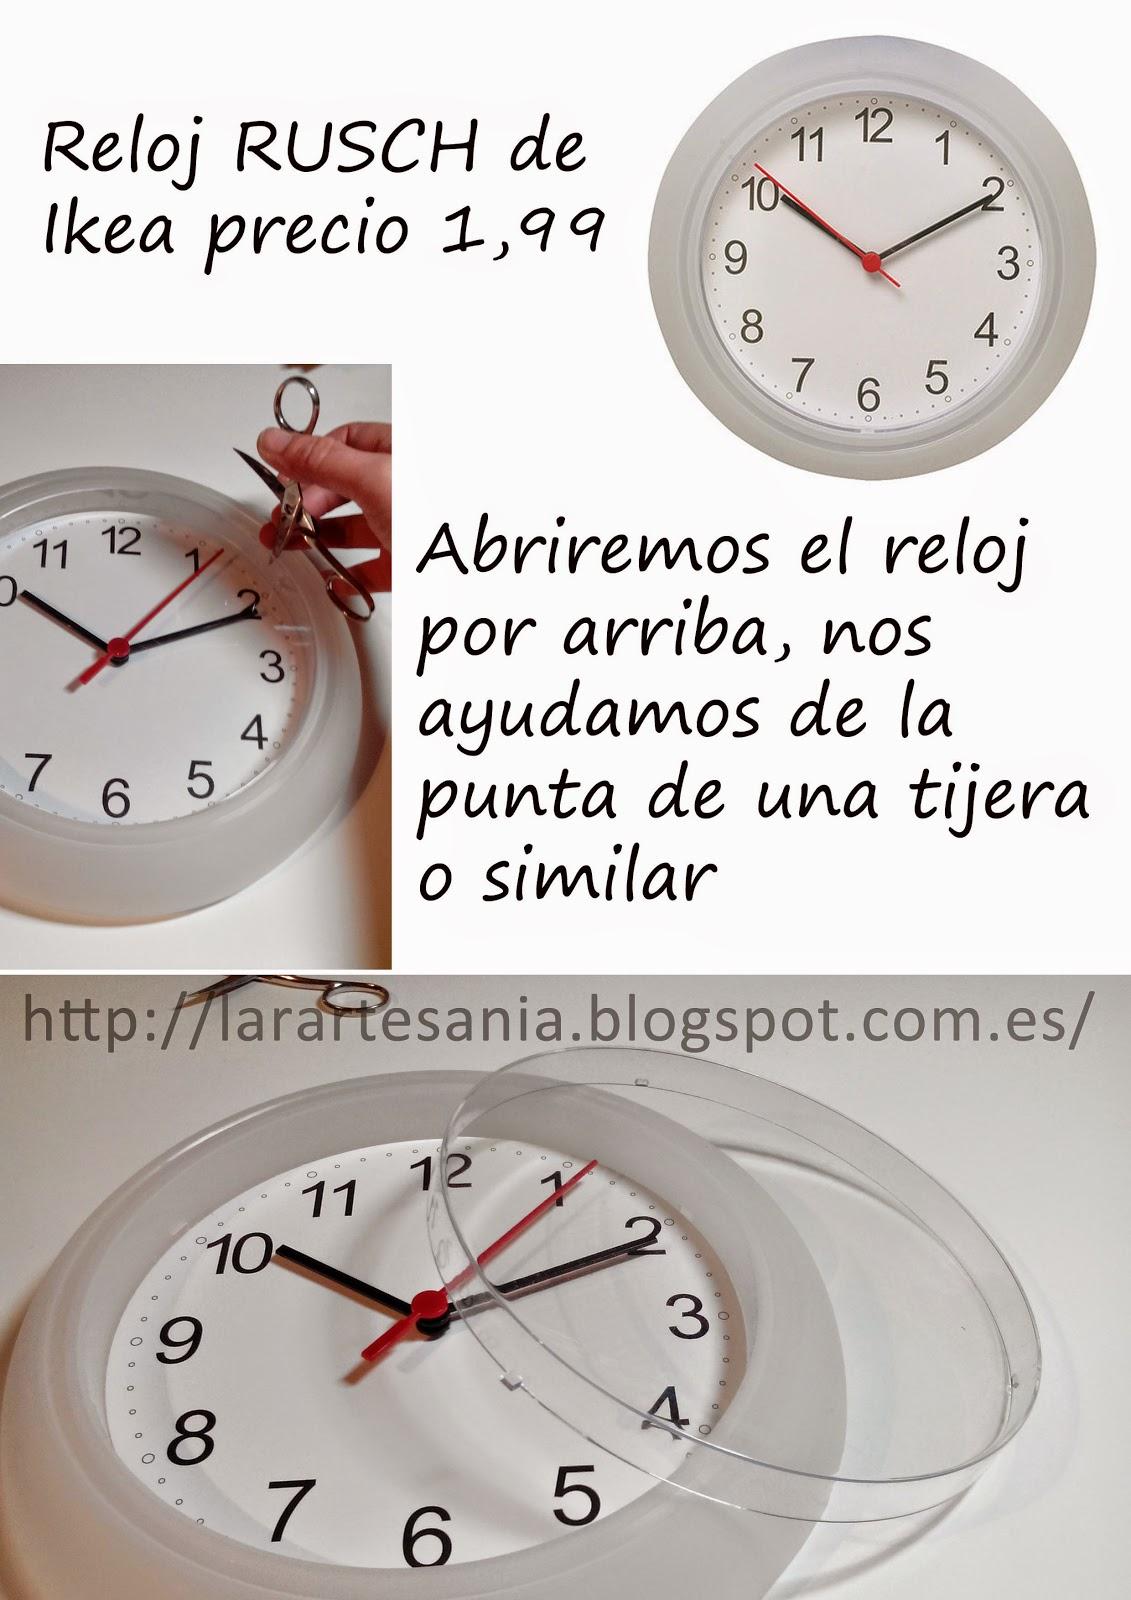 Lara artes tuneando reloj de ikea tutorial - Reloj de pared adhesivo ikea ...